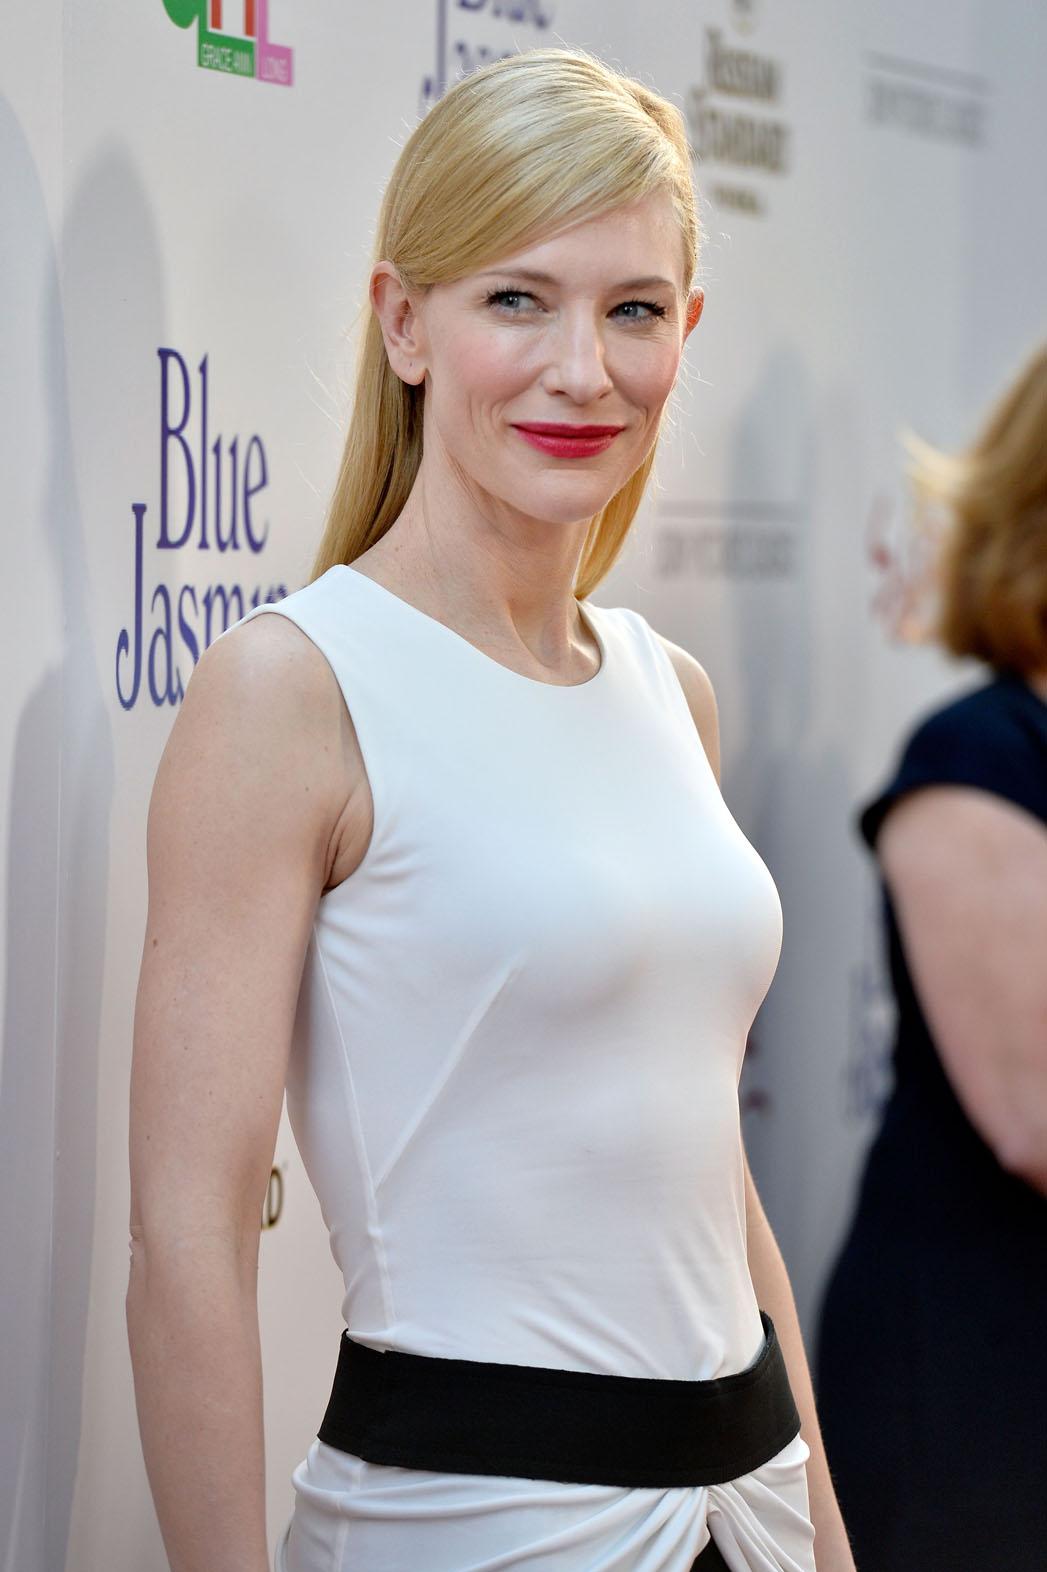 Cate Blanchett Headshot - P 2013